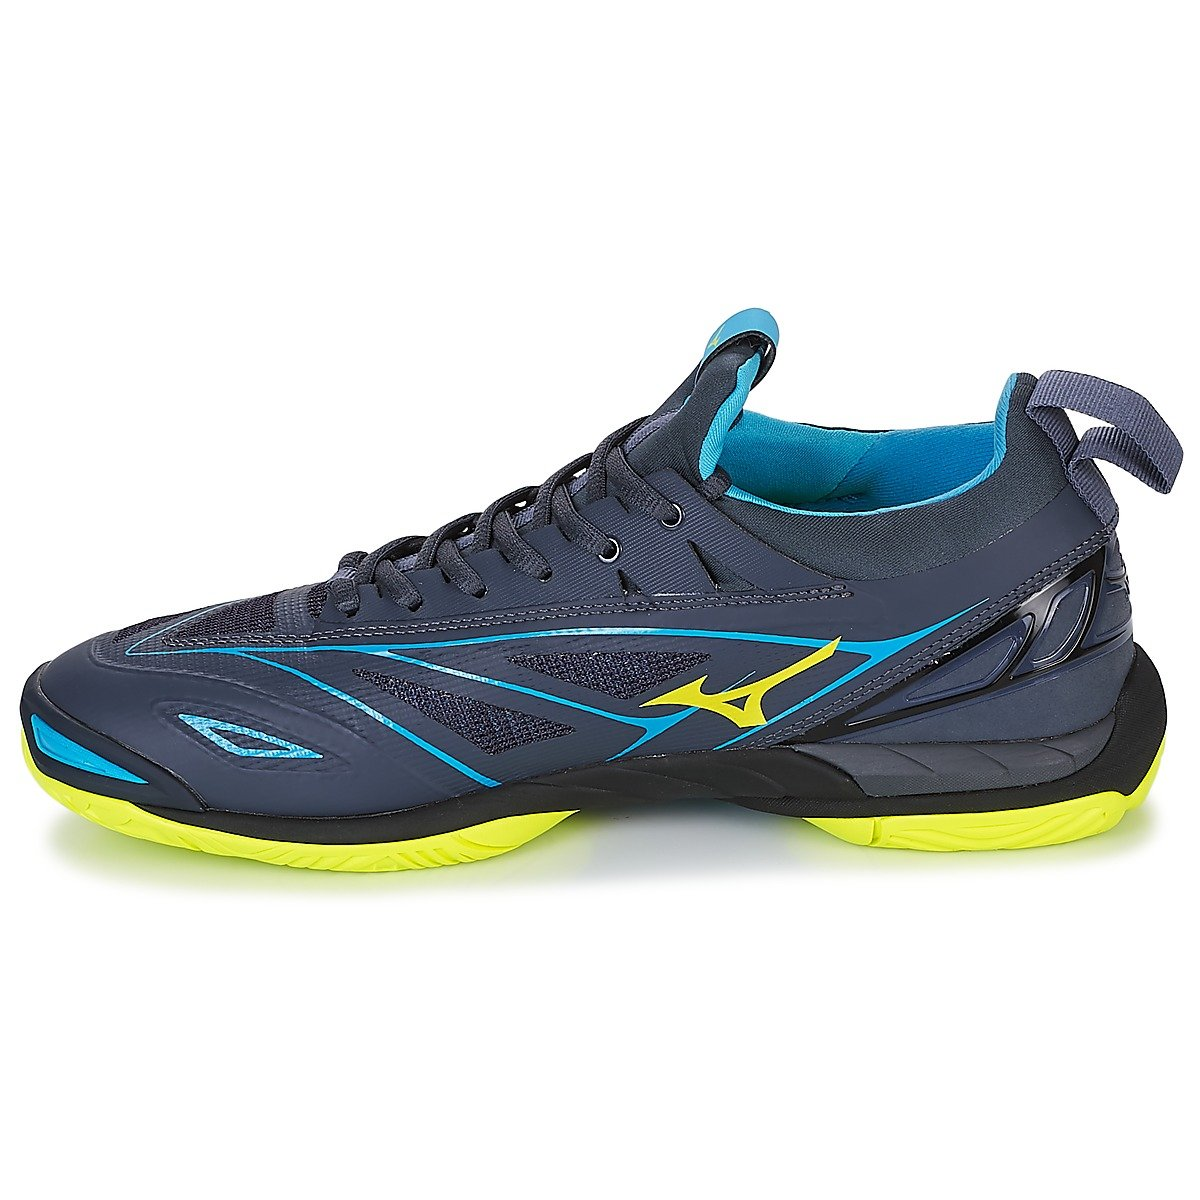 Wave 1 2 Herren Sneakers Mirage Mizuno 4LAj3R5